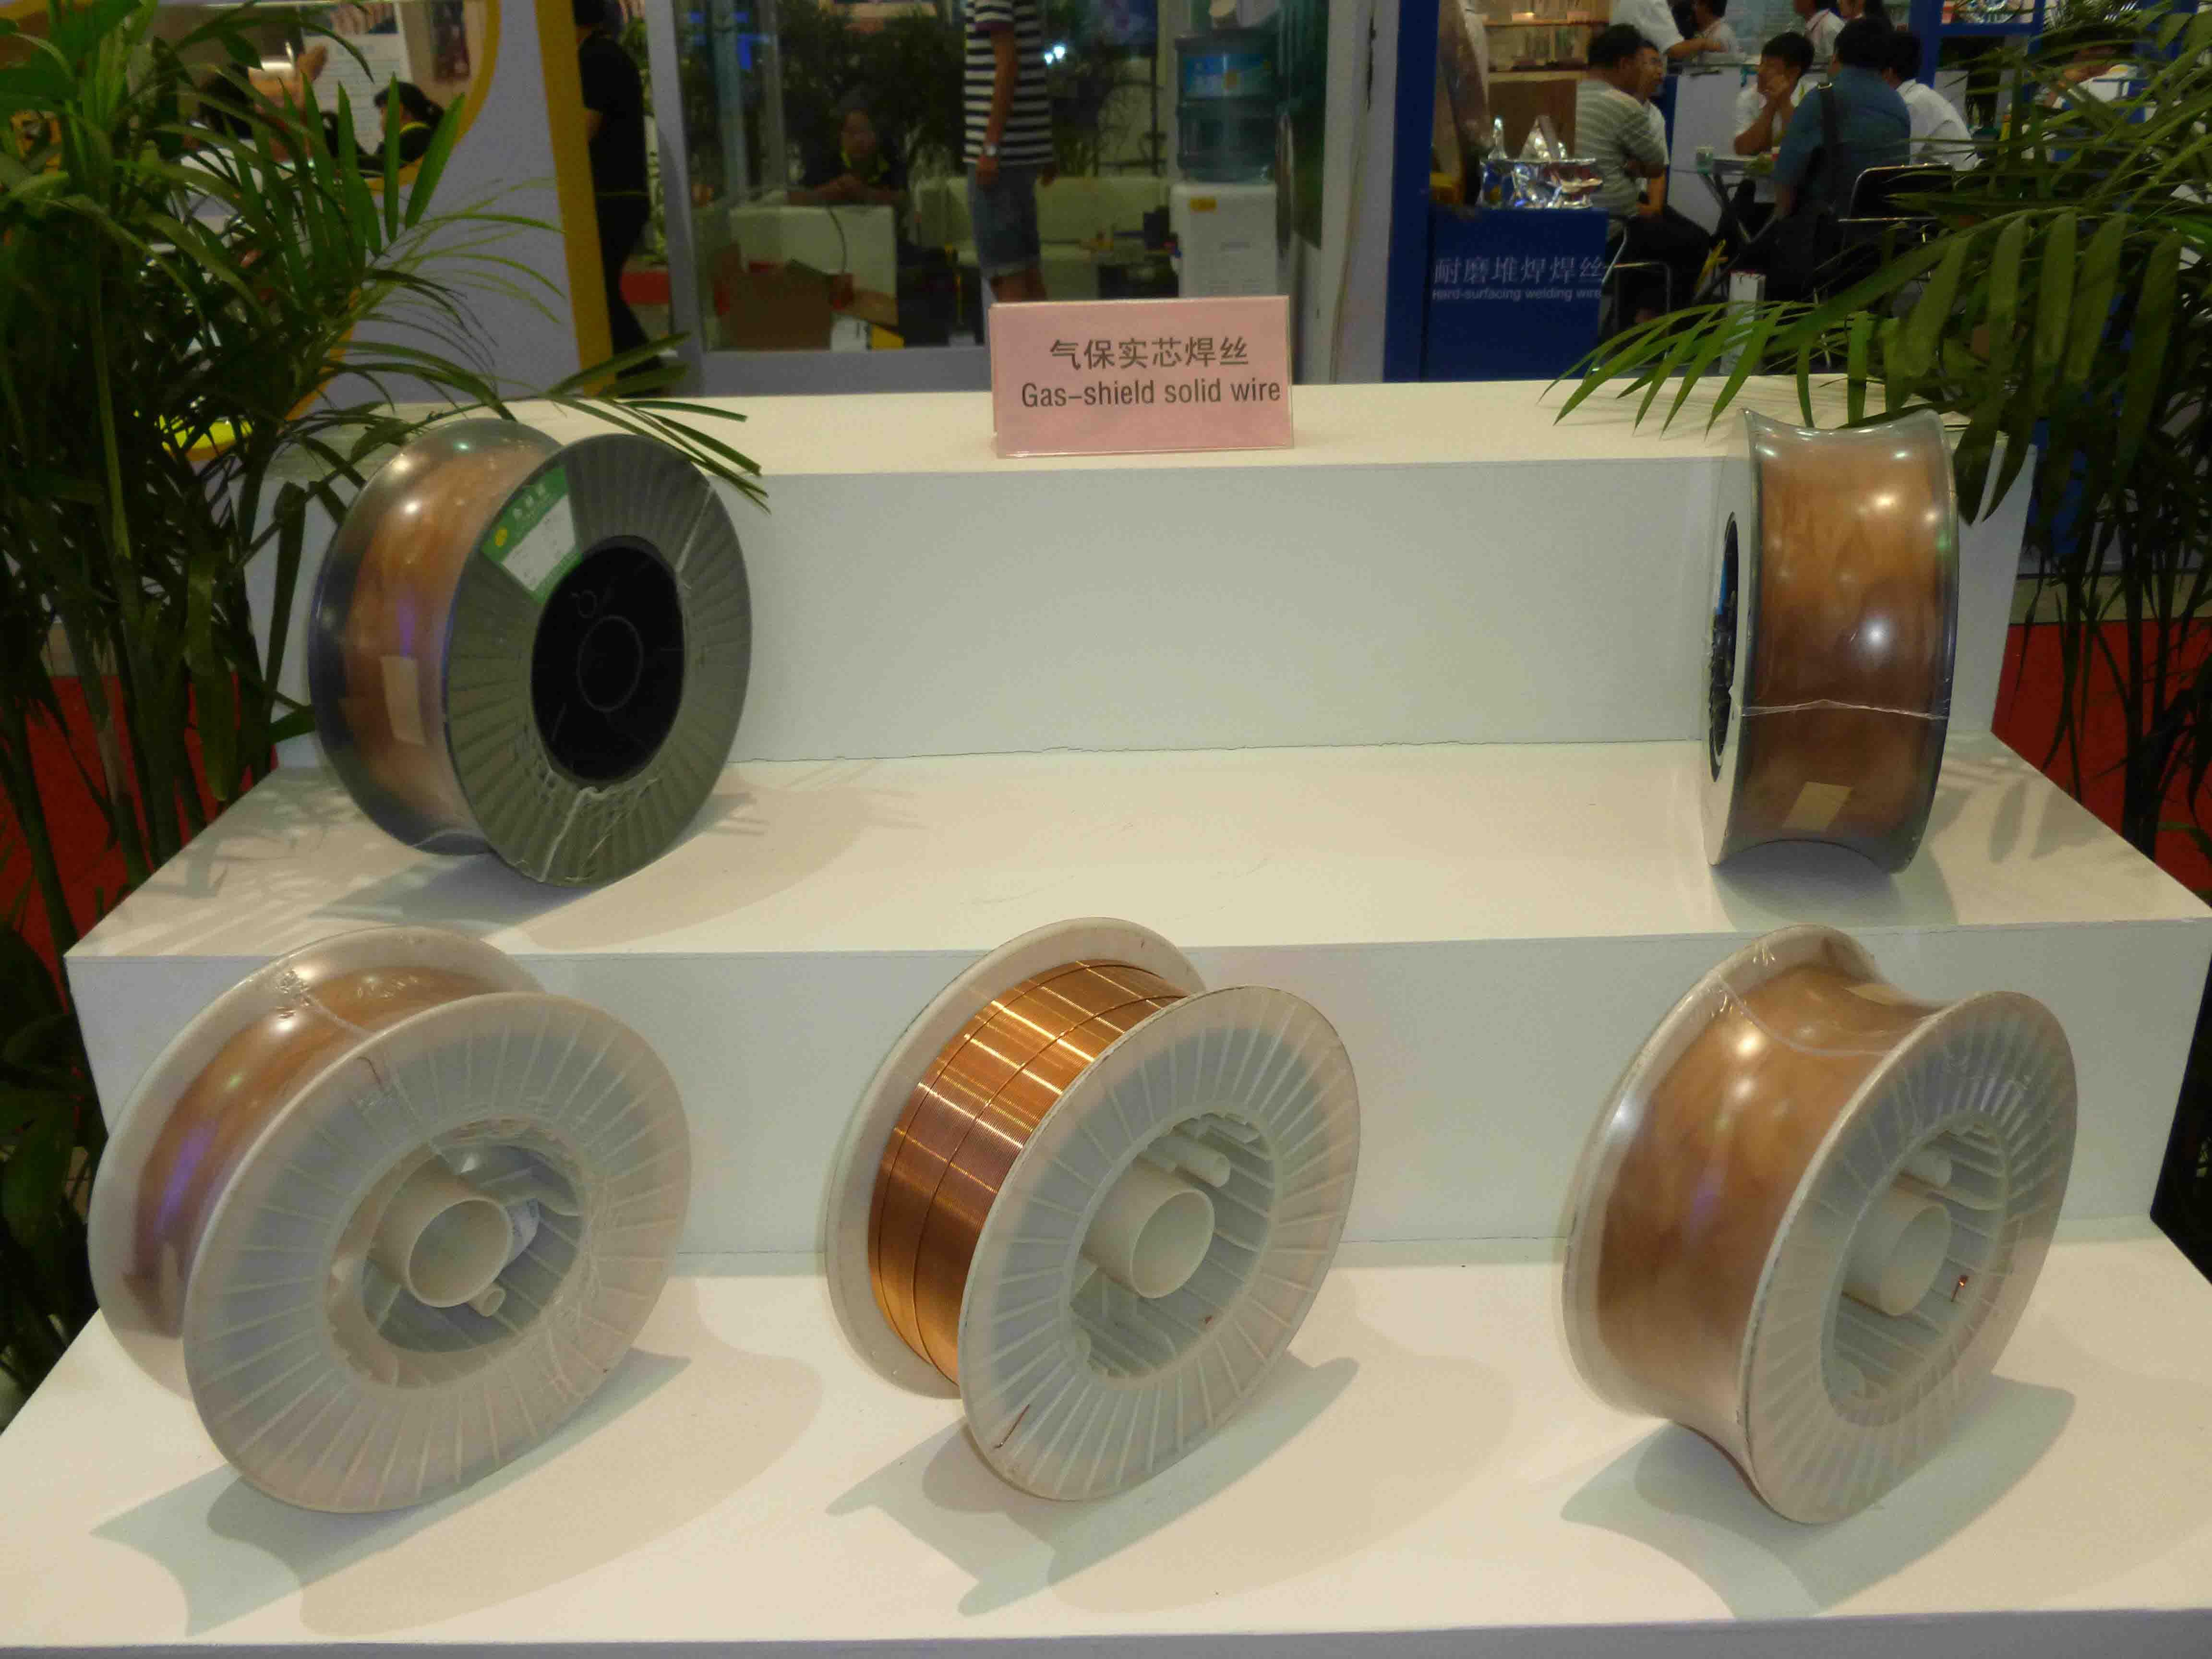 Beijing Essen Welding & Cutting Fair